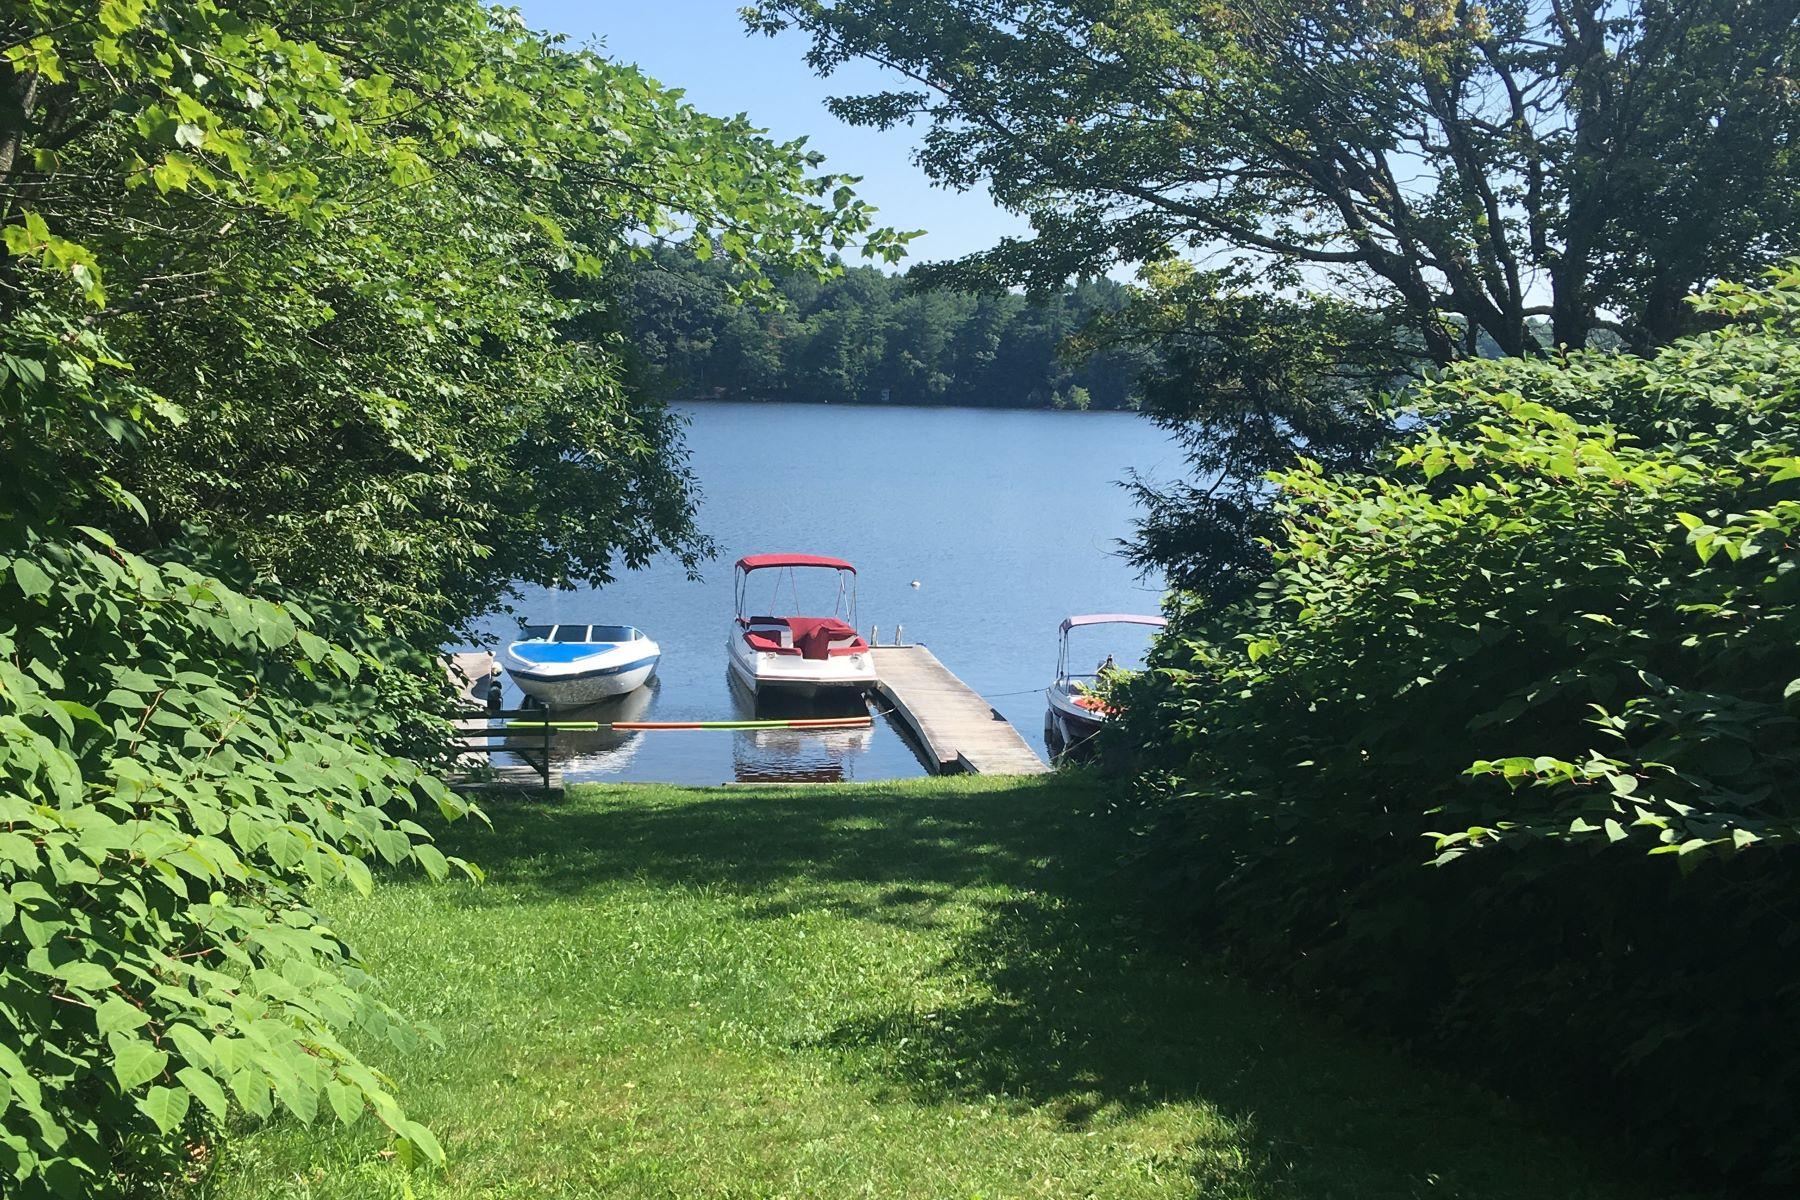 土地,用地 为 销售 在 Water Access to Otis Reservoir Lot 2 Pine Rd Otis, 马萨诸塞州 01253 美国